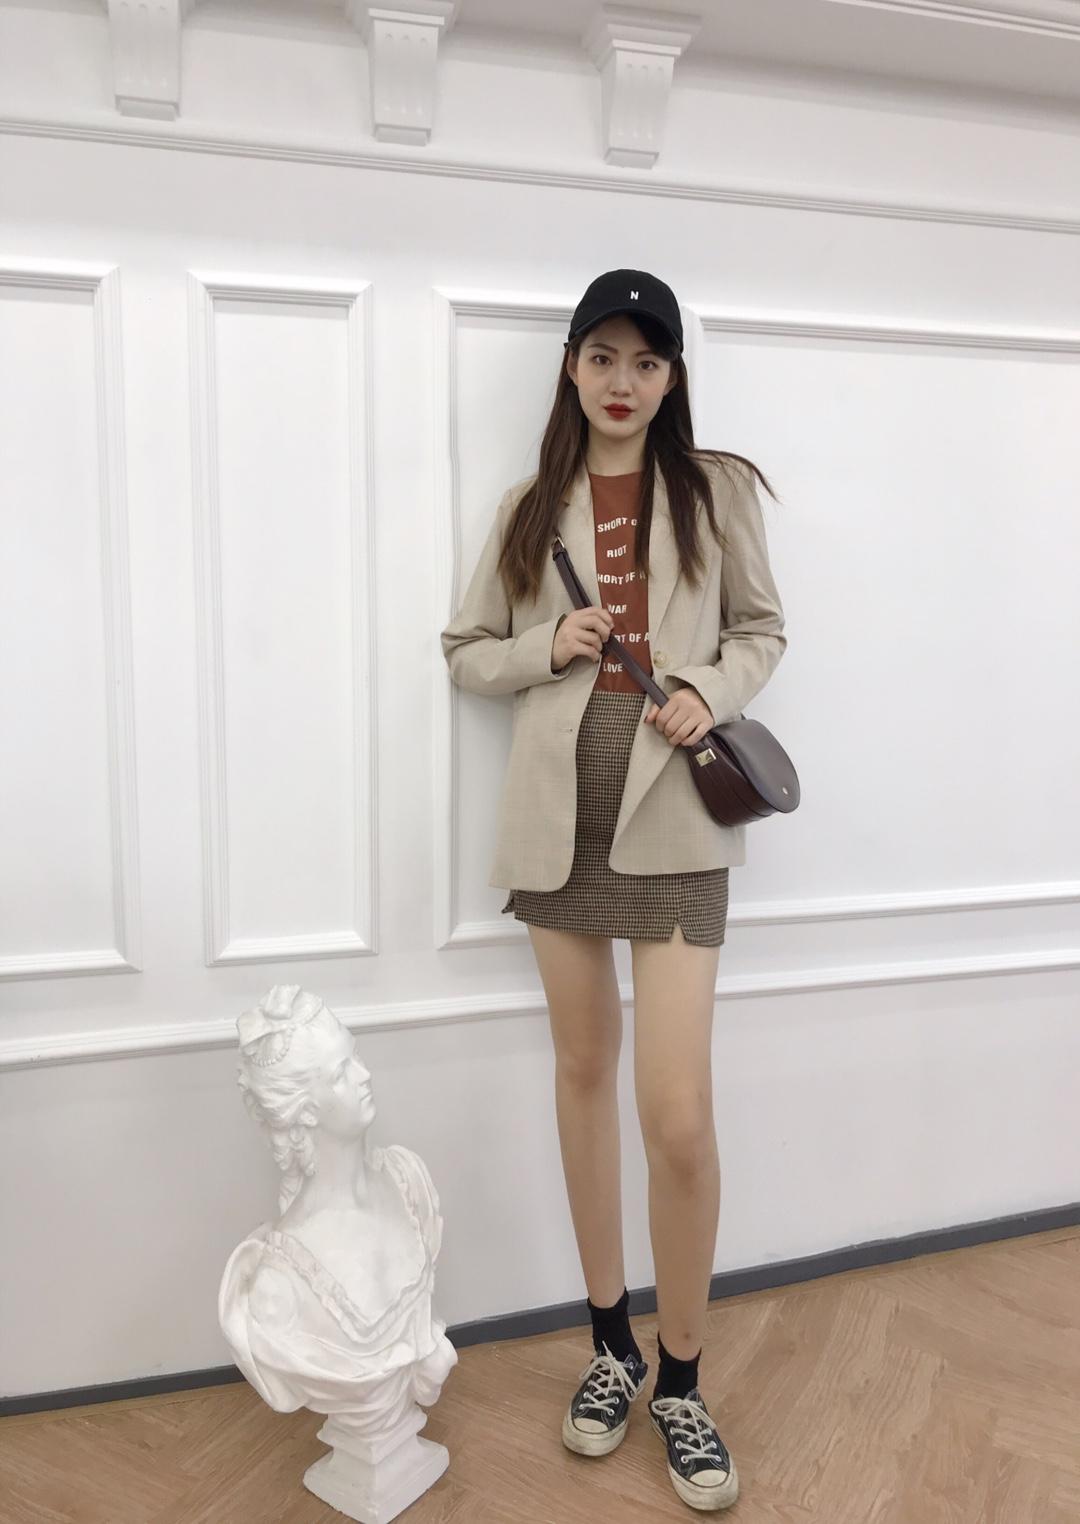 春日穿搭🌸🌼 🌸🌸🌸🌸🌸🌸 西装格子外套:UR 399RMB 半身格子裙:时尚の屋 深色短袖打底:zeal Seoul 黑色帆布鞋:匡威1970S #今春流行色指南#